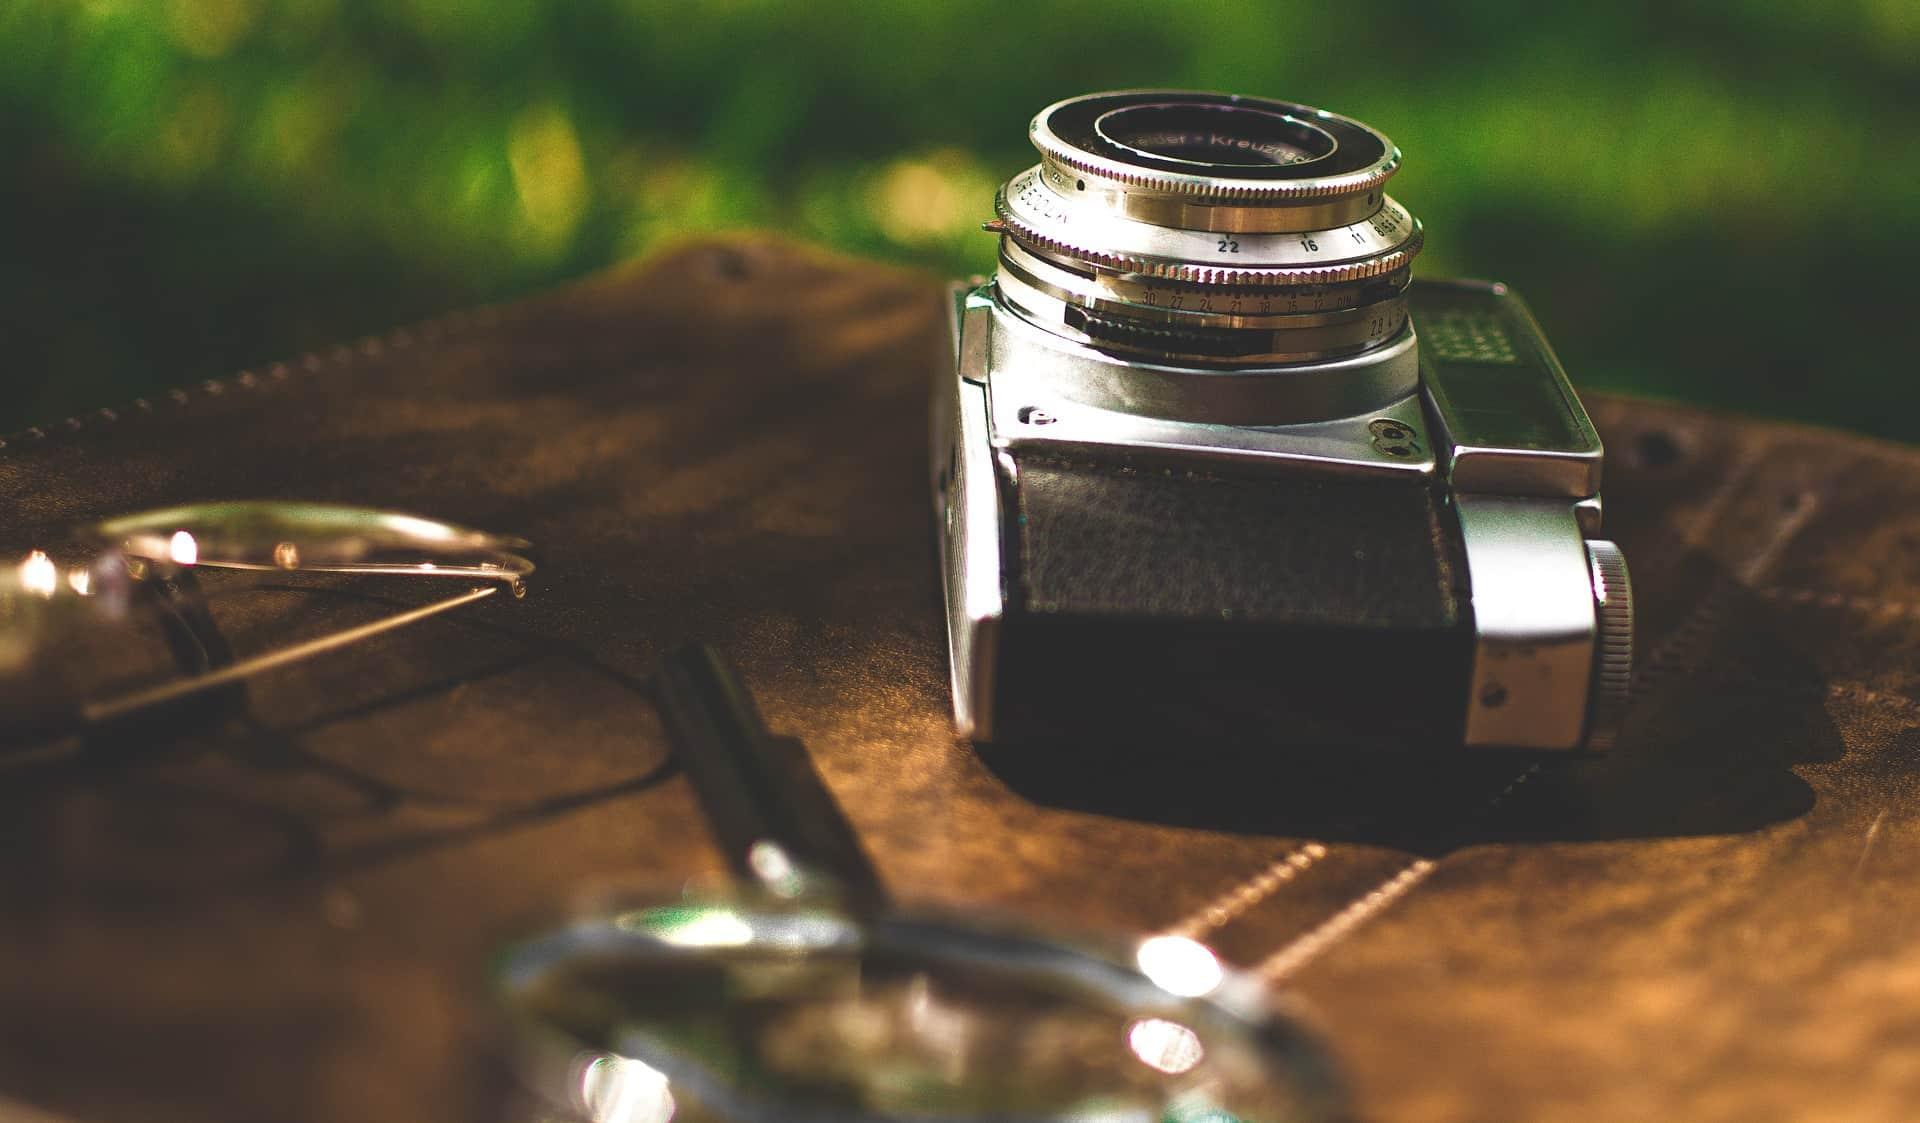 Storia della macchina fotografica in breve